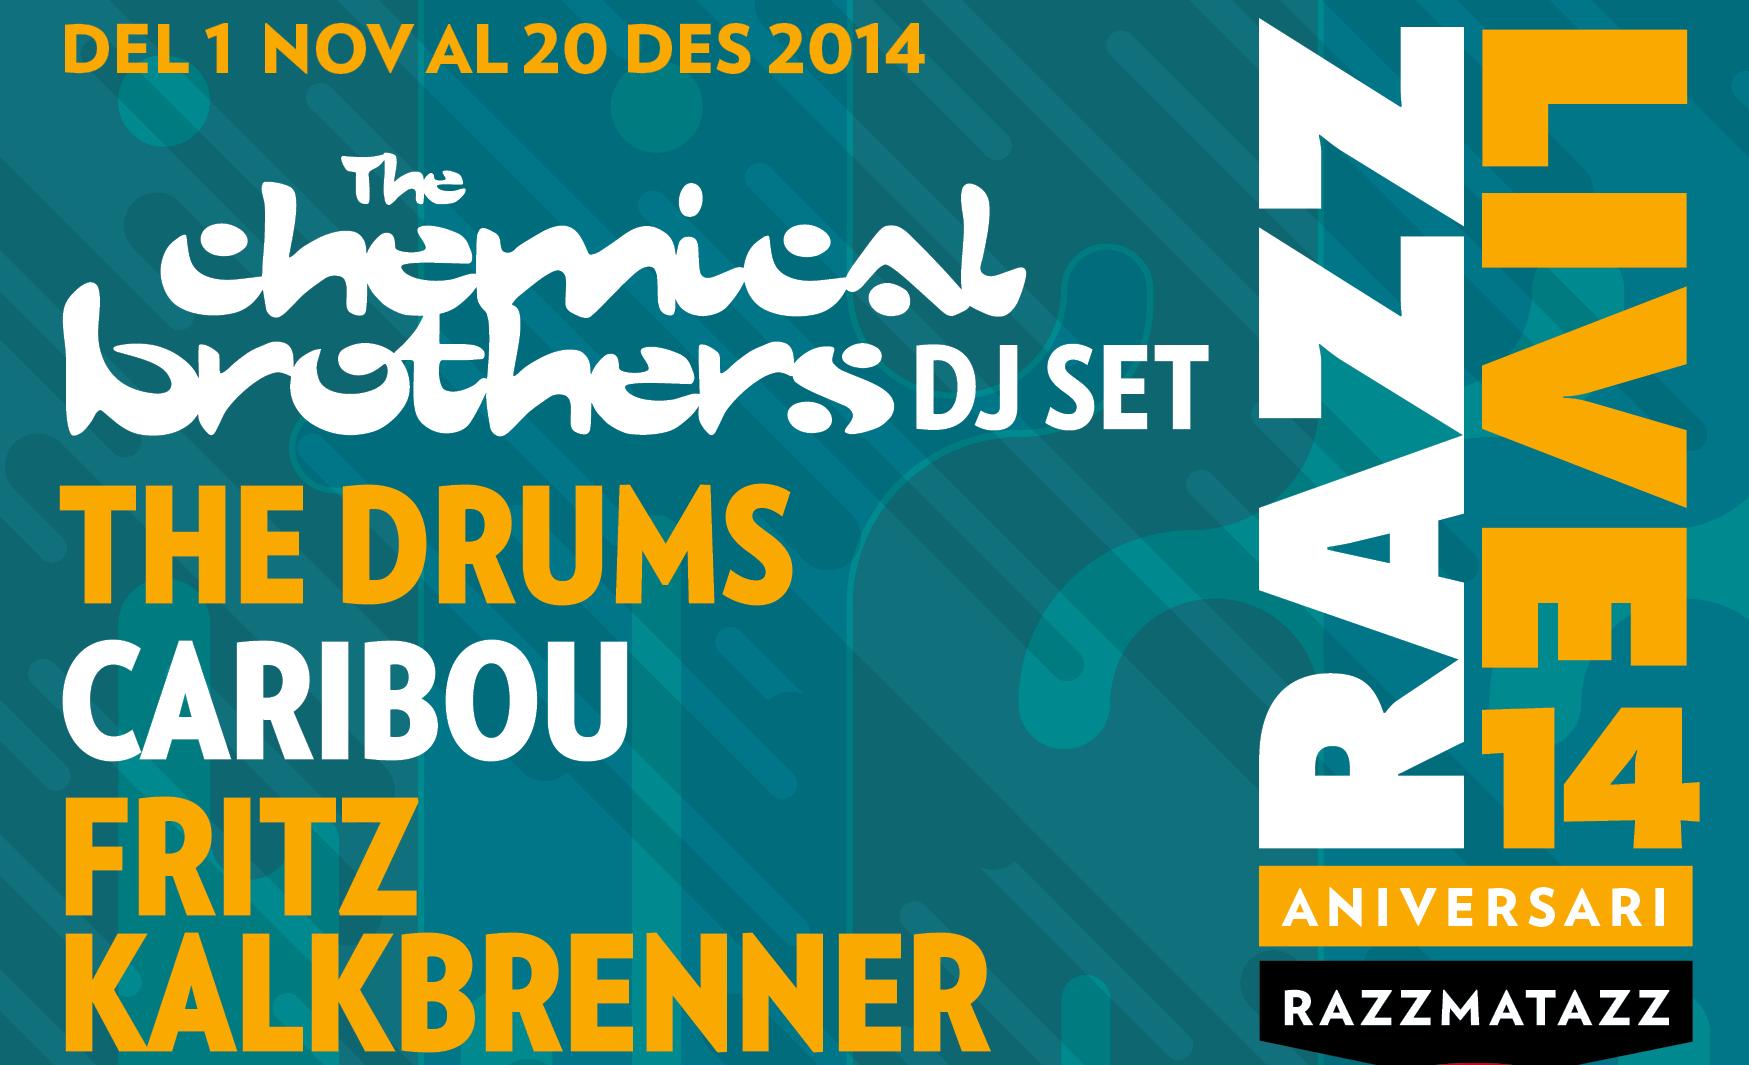 Razzmatazz Live 14 Aniversario By Amable